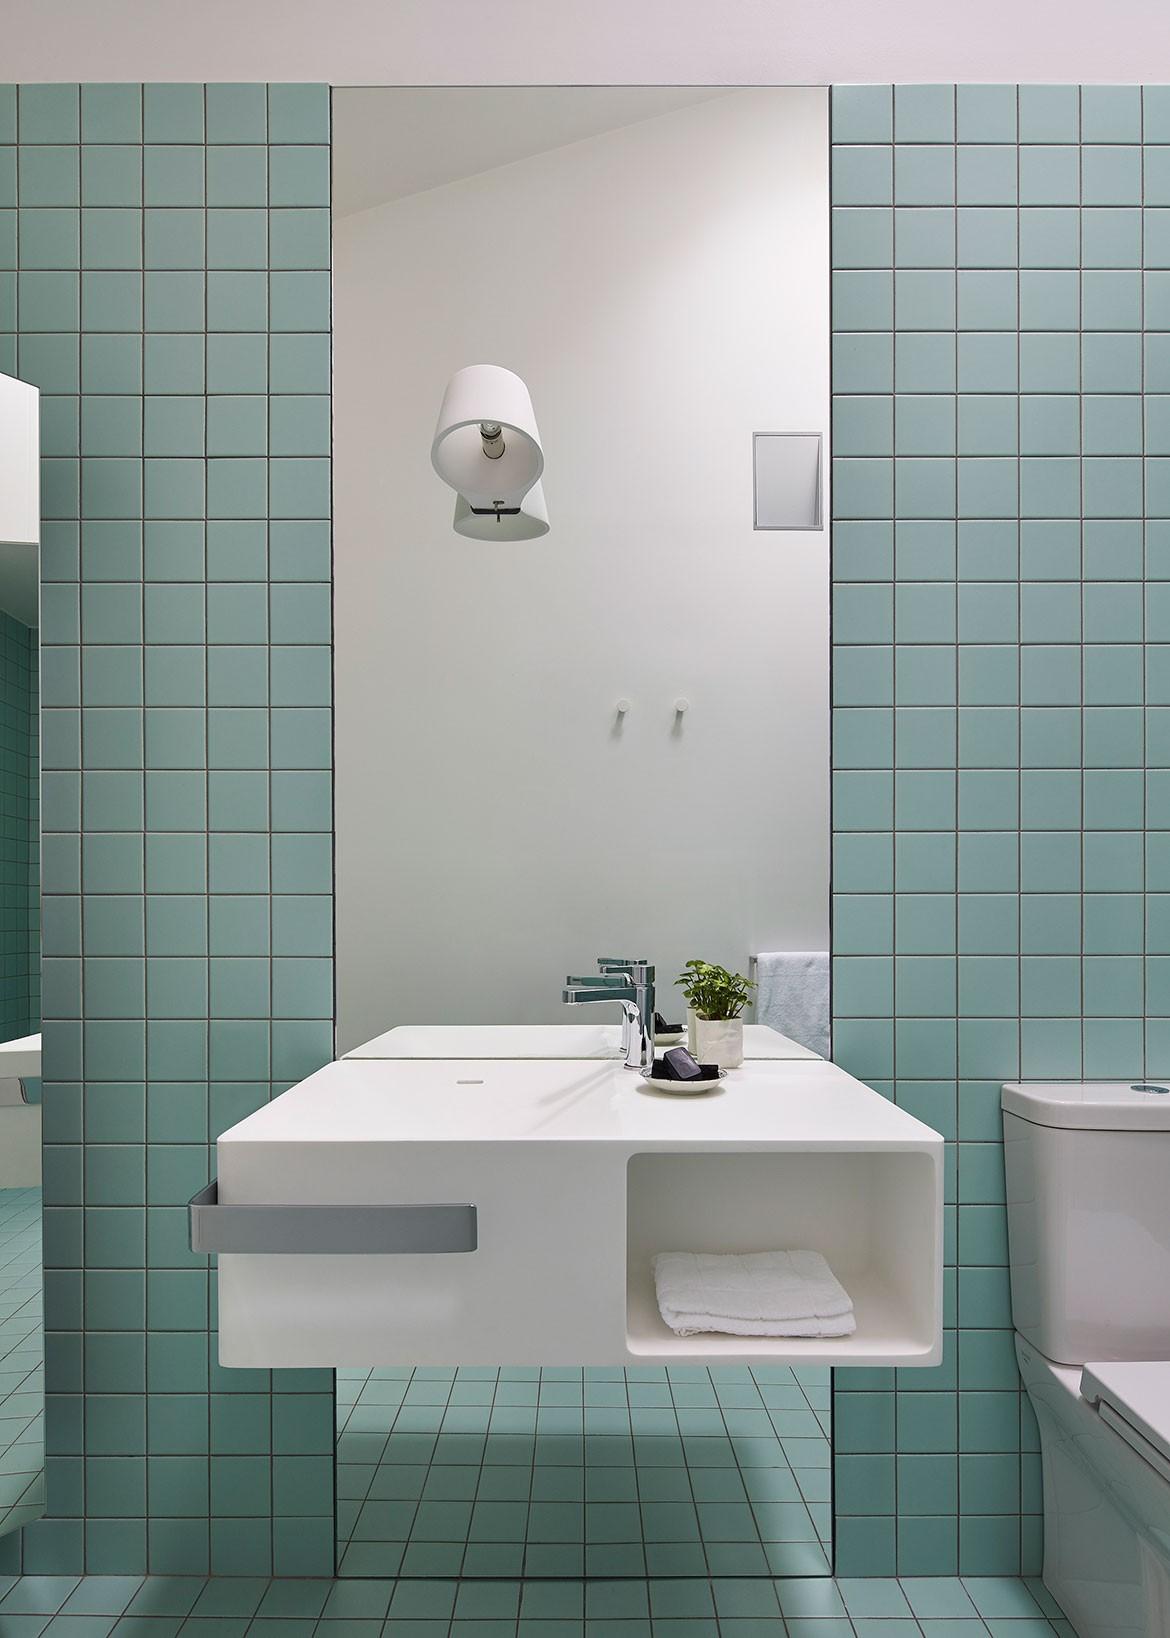 Sonelo Design Theresa St Residence bathroom_V3